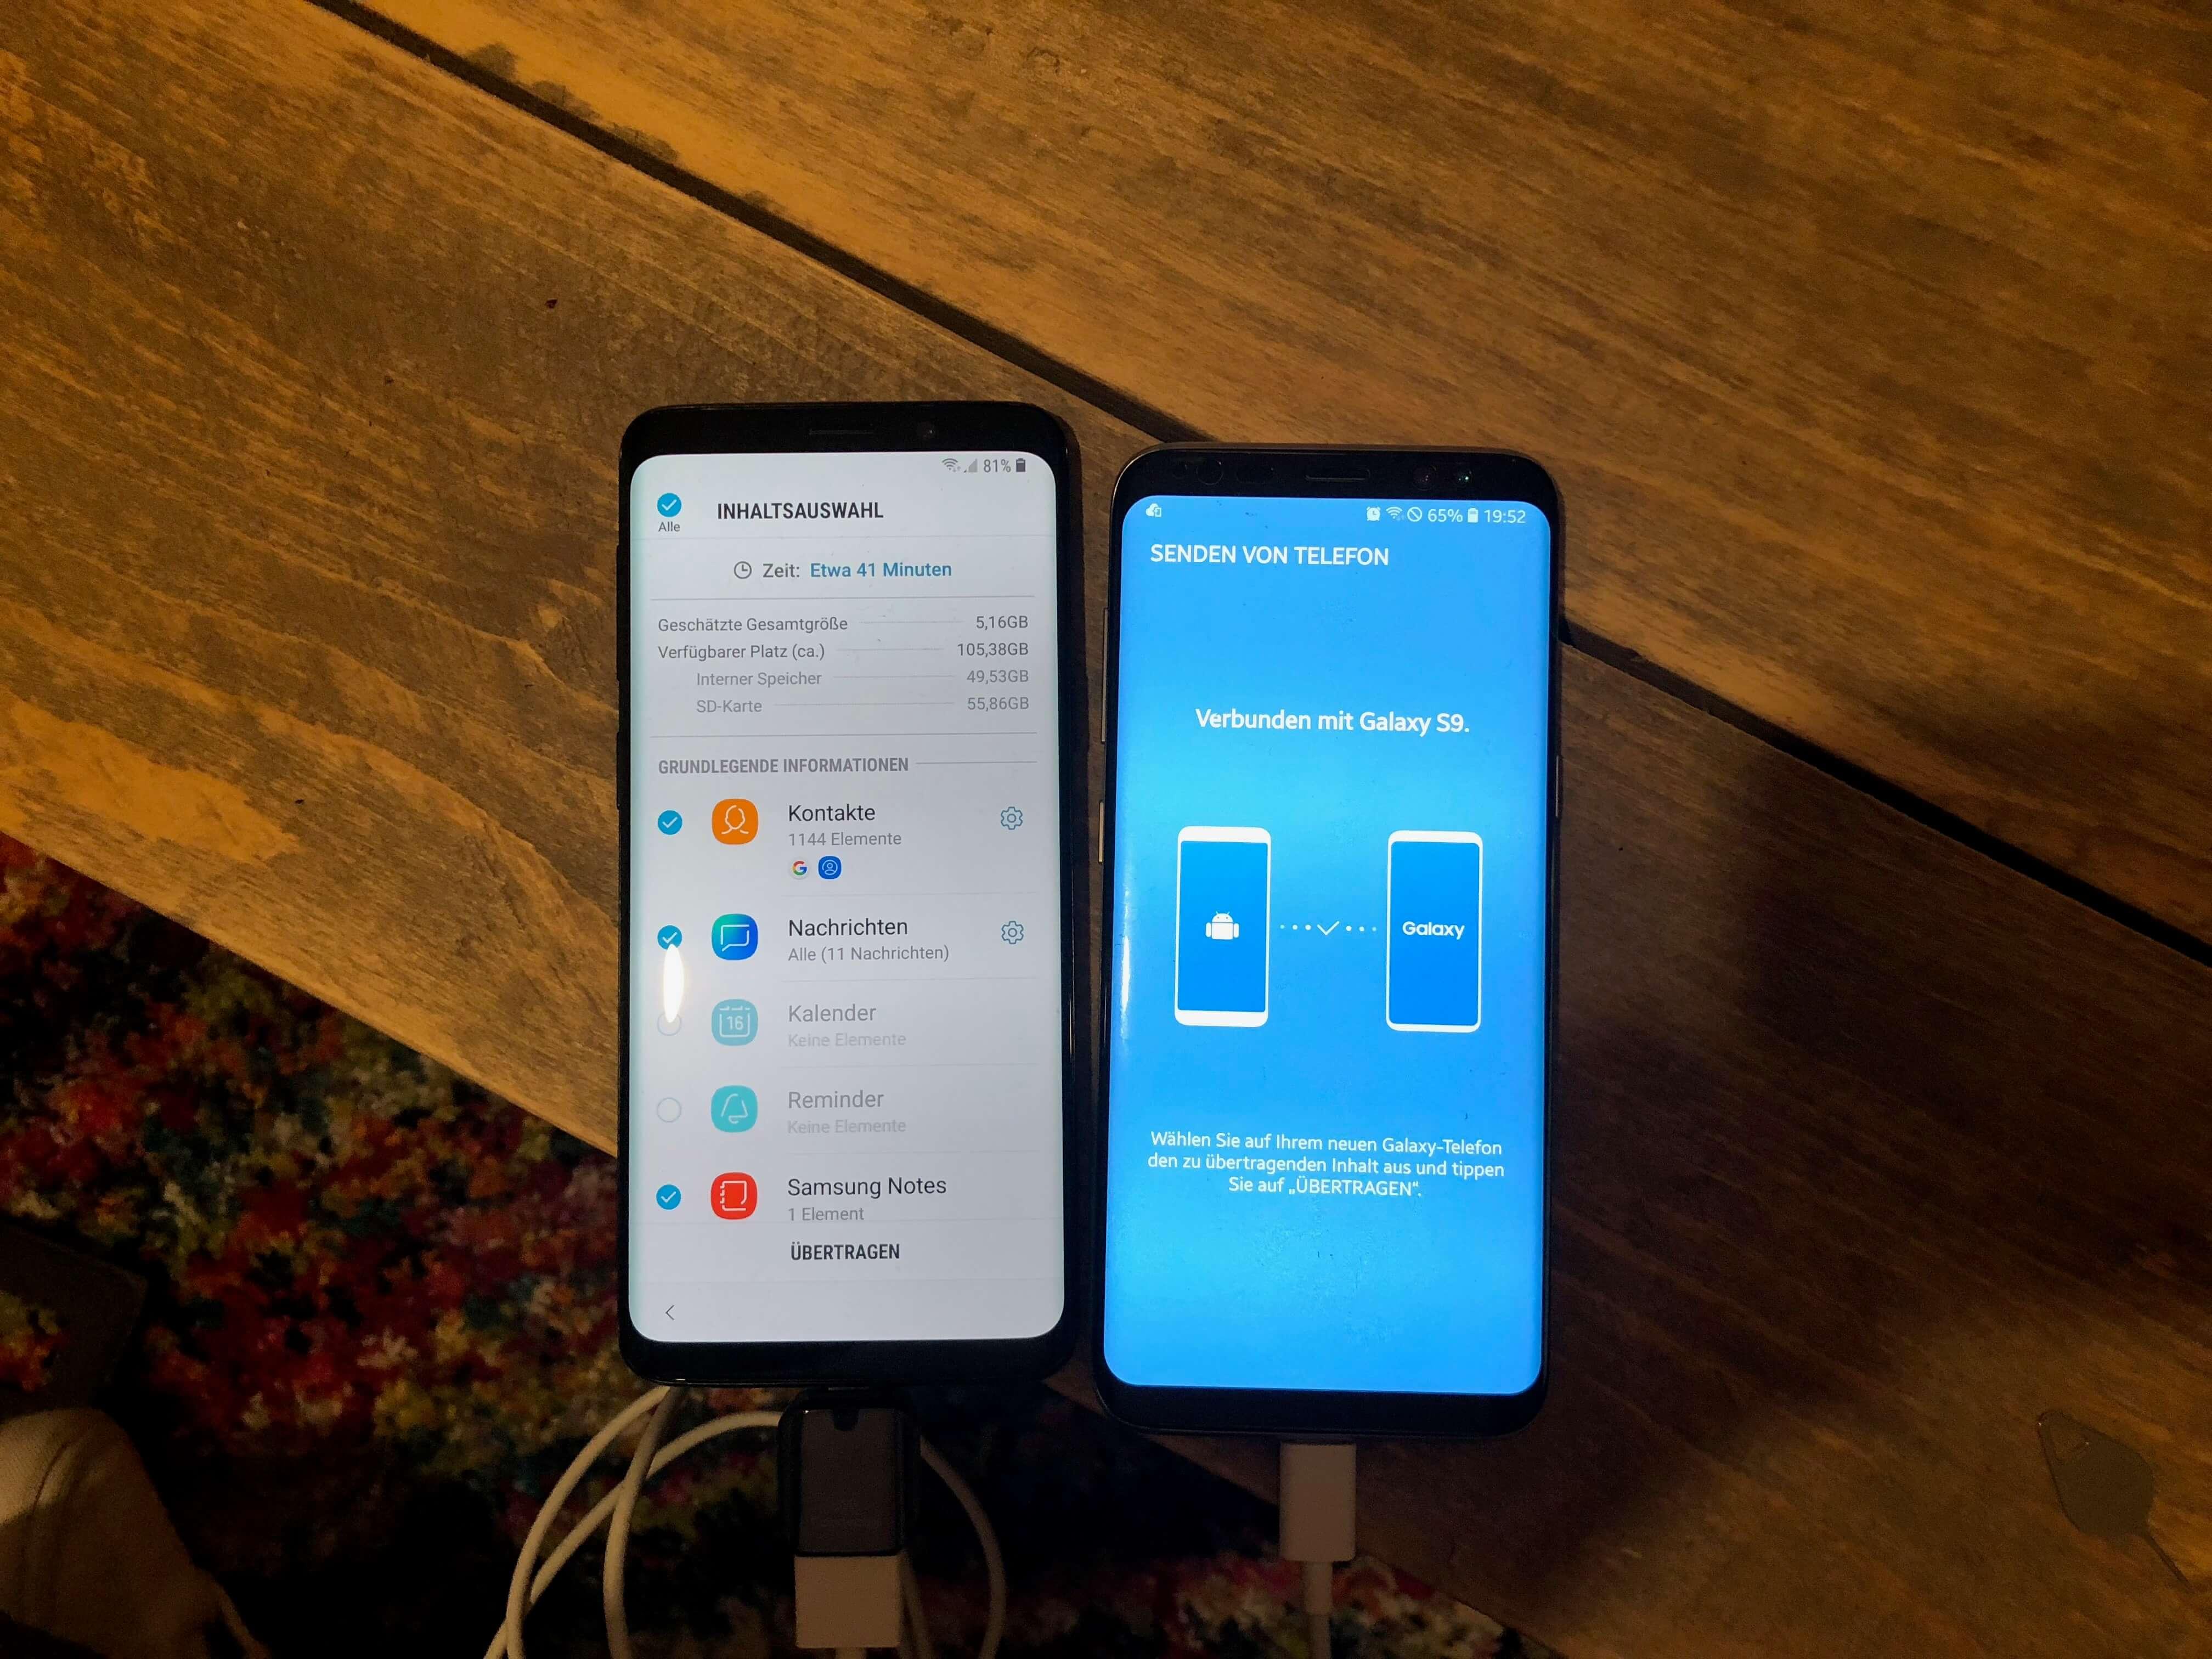 Alte Daten und Einstellungen werden vom S8 auf das S9 übertragen.